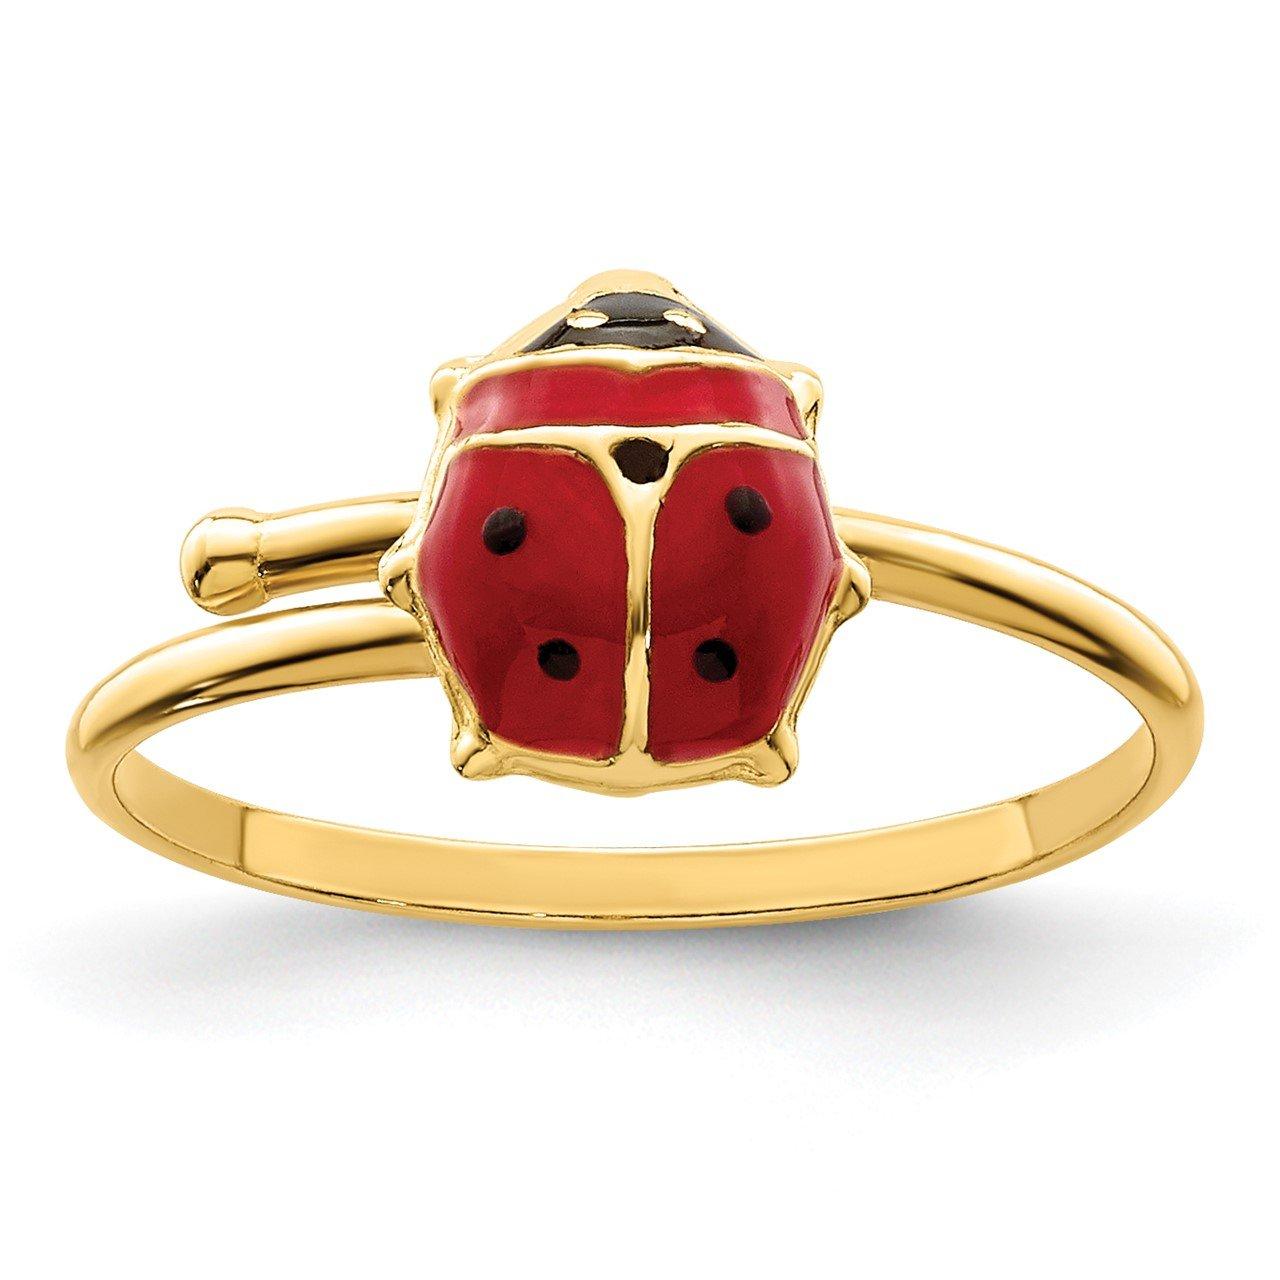 14k Polished Enameled Ladybug Adjustable Ring